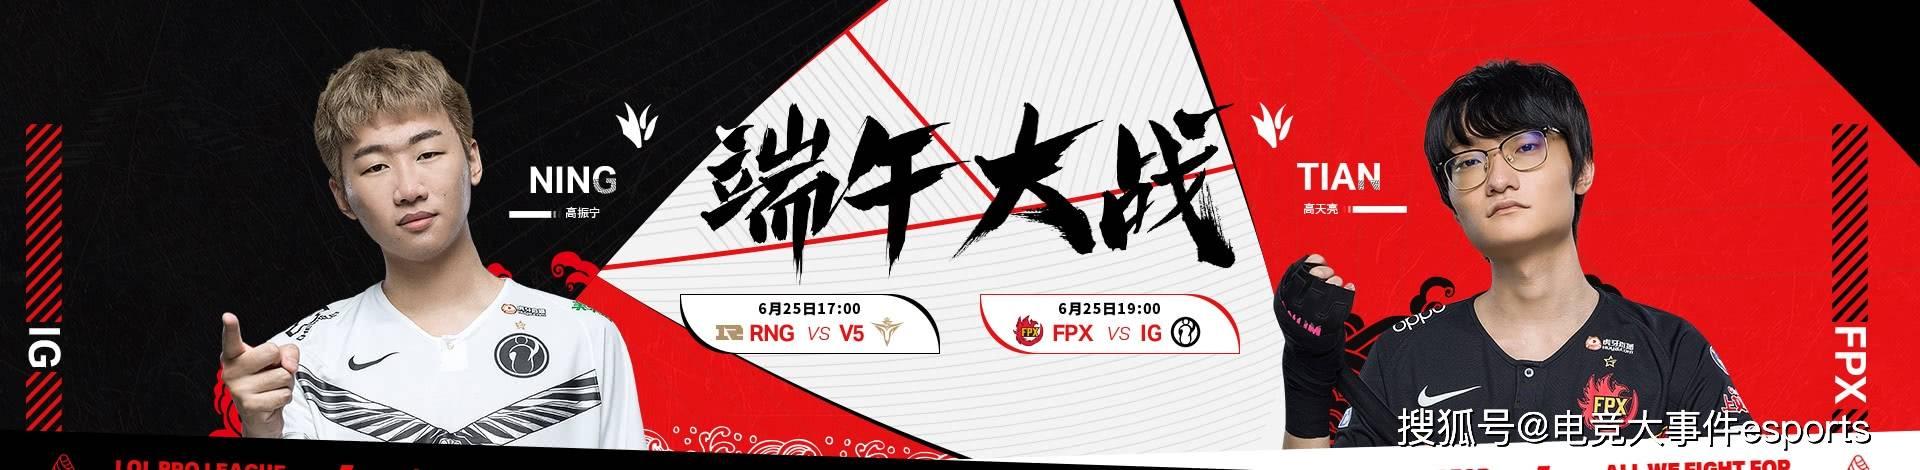 外国网友热议iG击败FPX:FMVP回来了,宁王有点2018年那味了